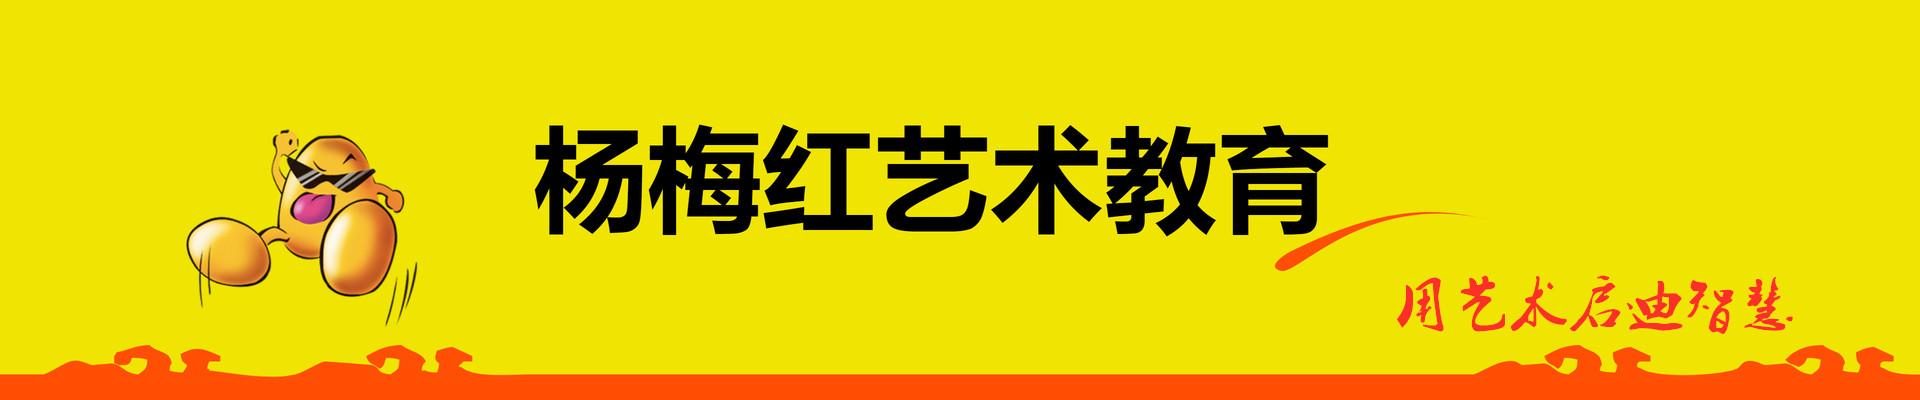 武汉盘龙城杨梅红国际私立美校